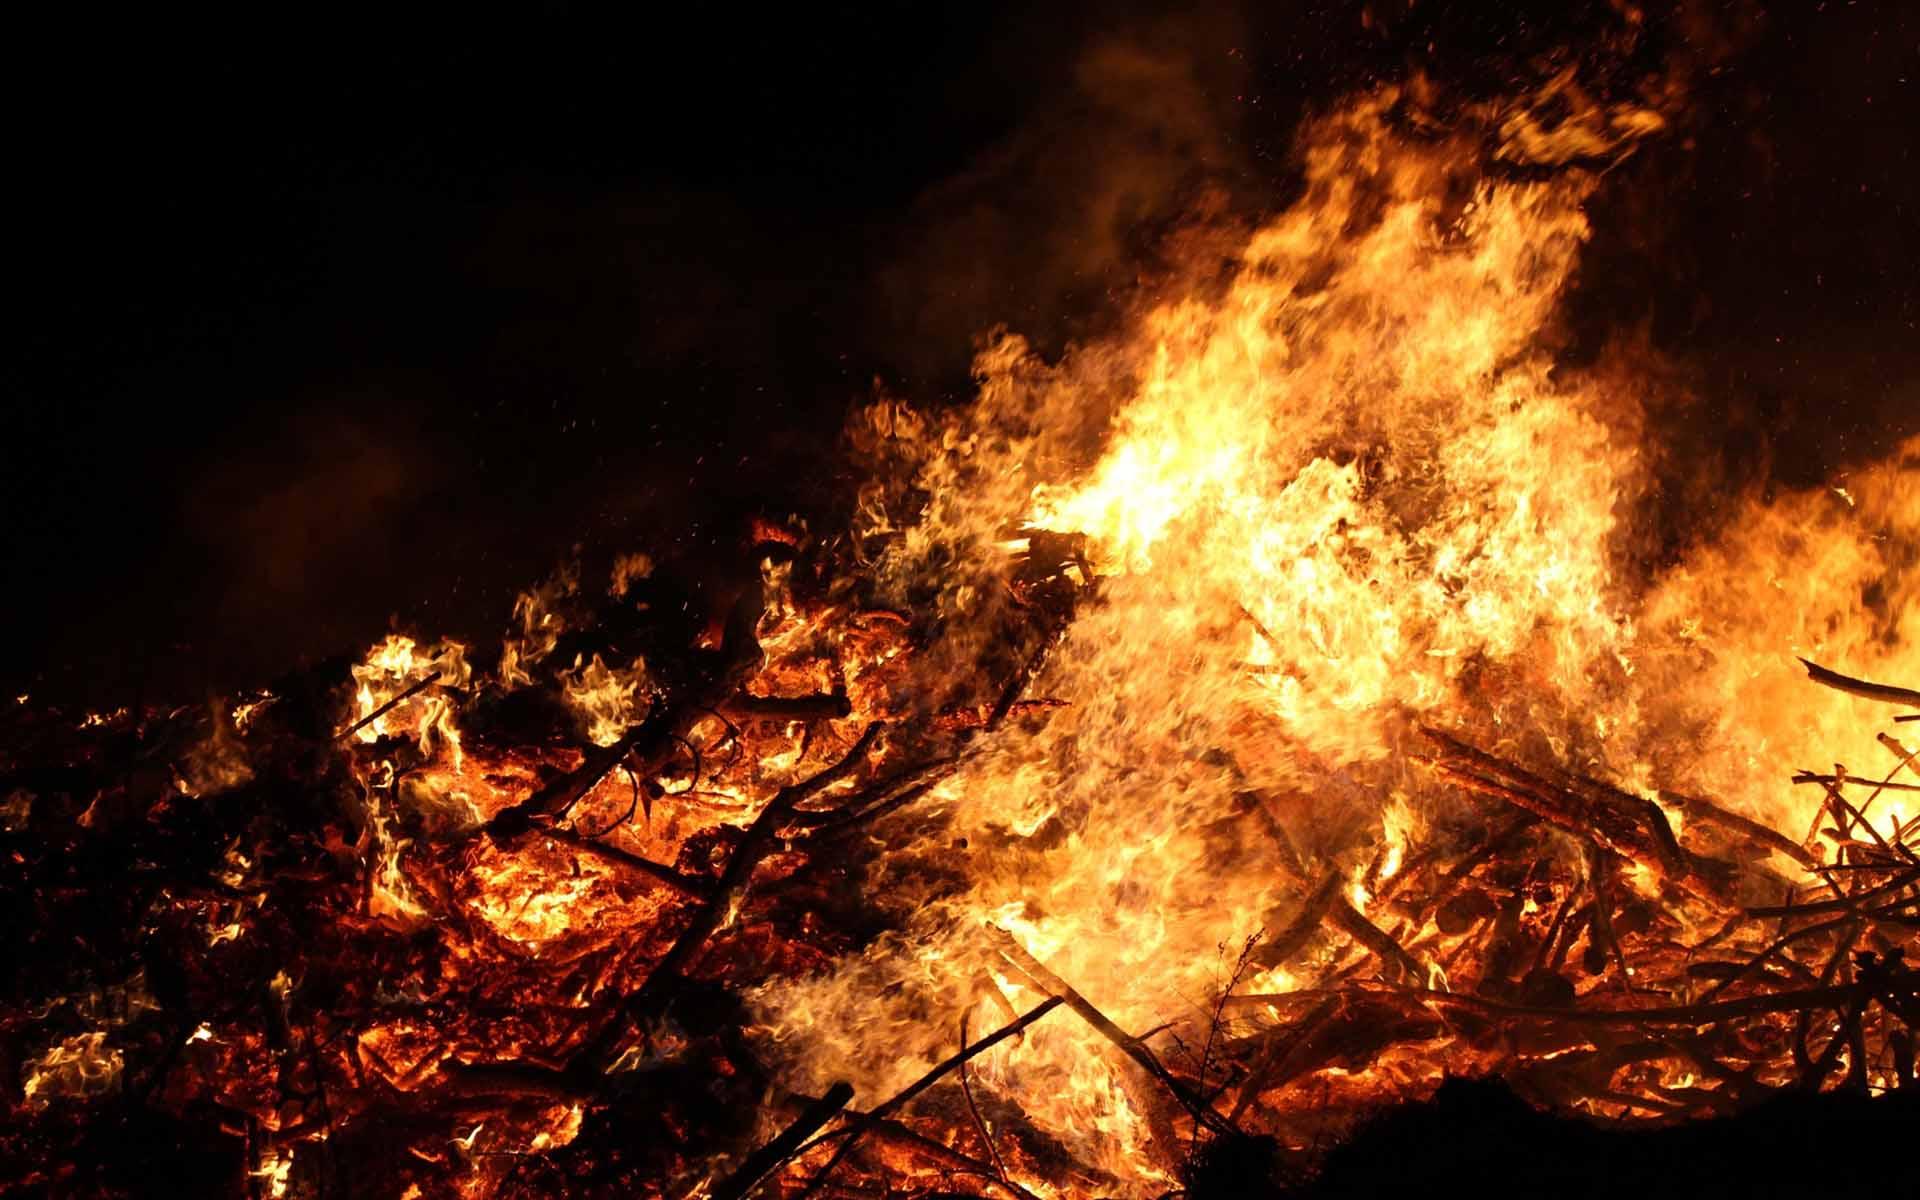 Binance Coin Burn Inbound - Here's When It Will Happen